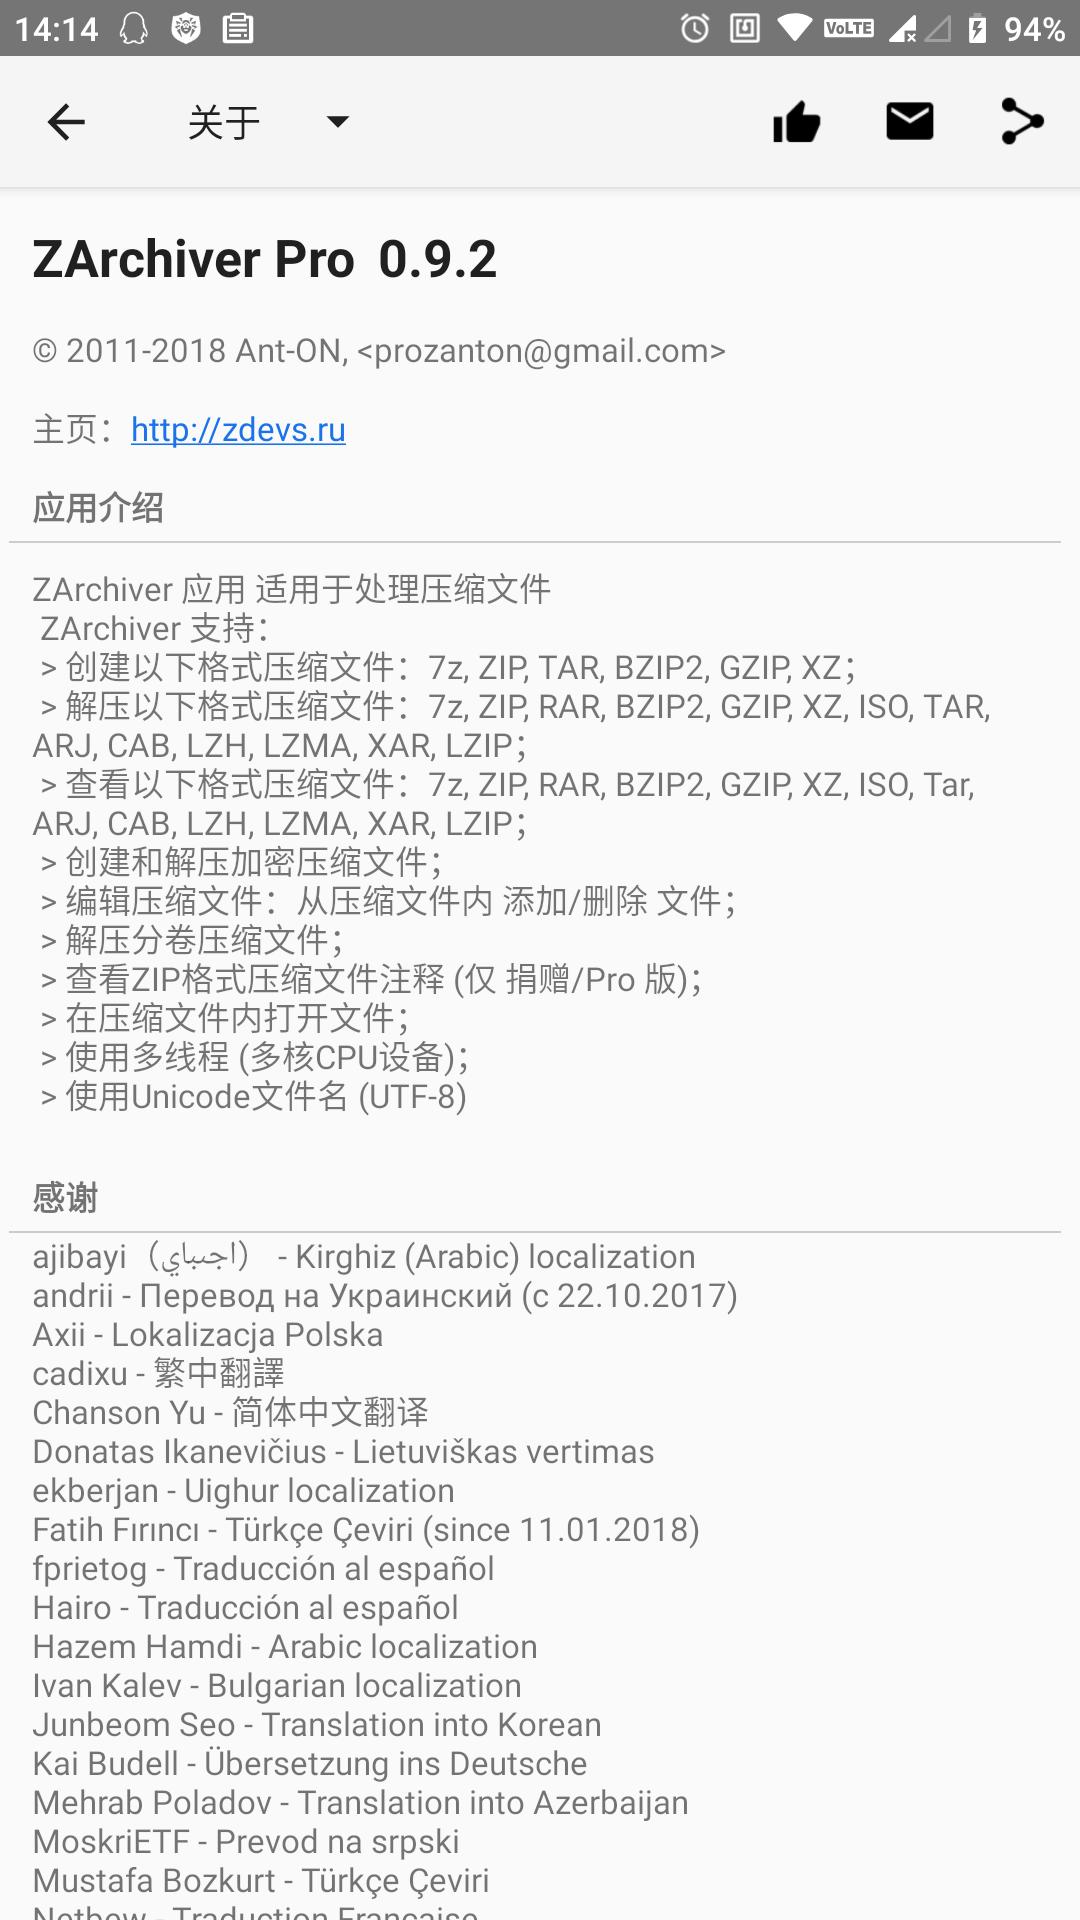 安卓超强解压缩软件ZArchiver 专业直装版 v0.9.2 [Test7]